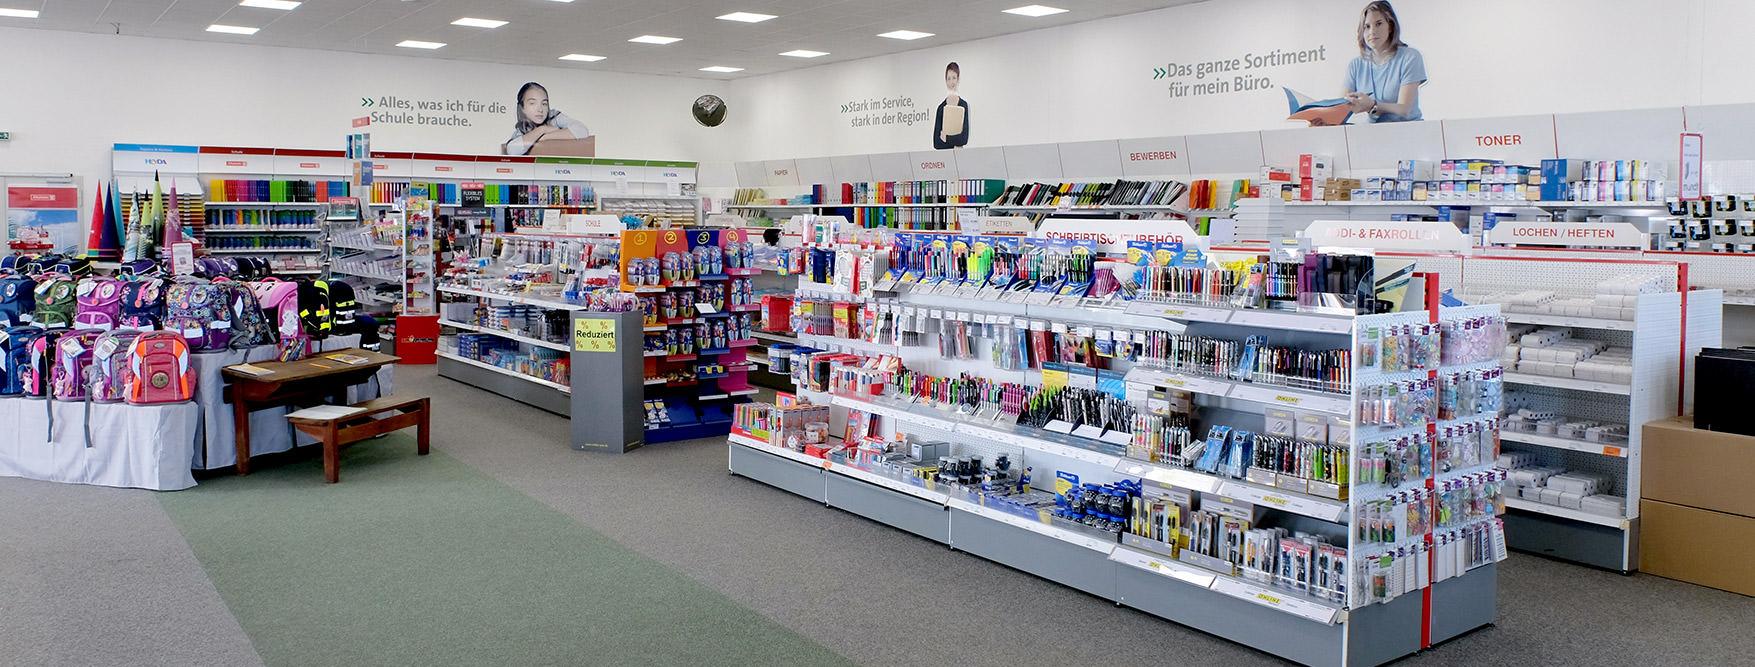 Schulmarkt mit Schreibwaren und Schulbedarf in Neubrandenburg